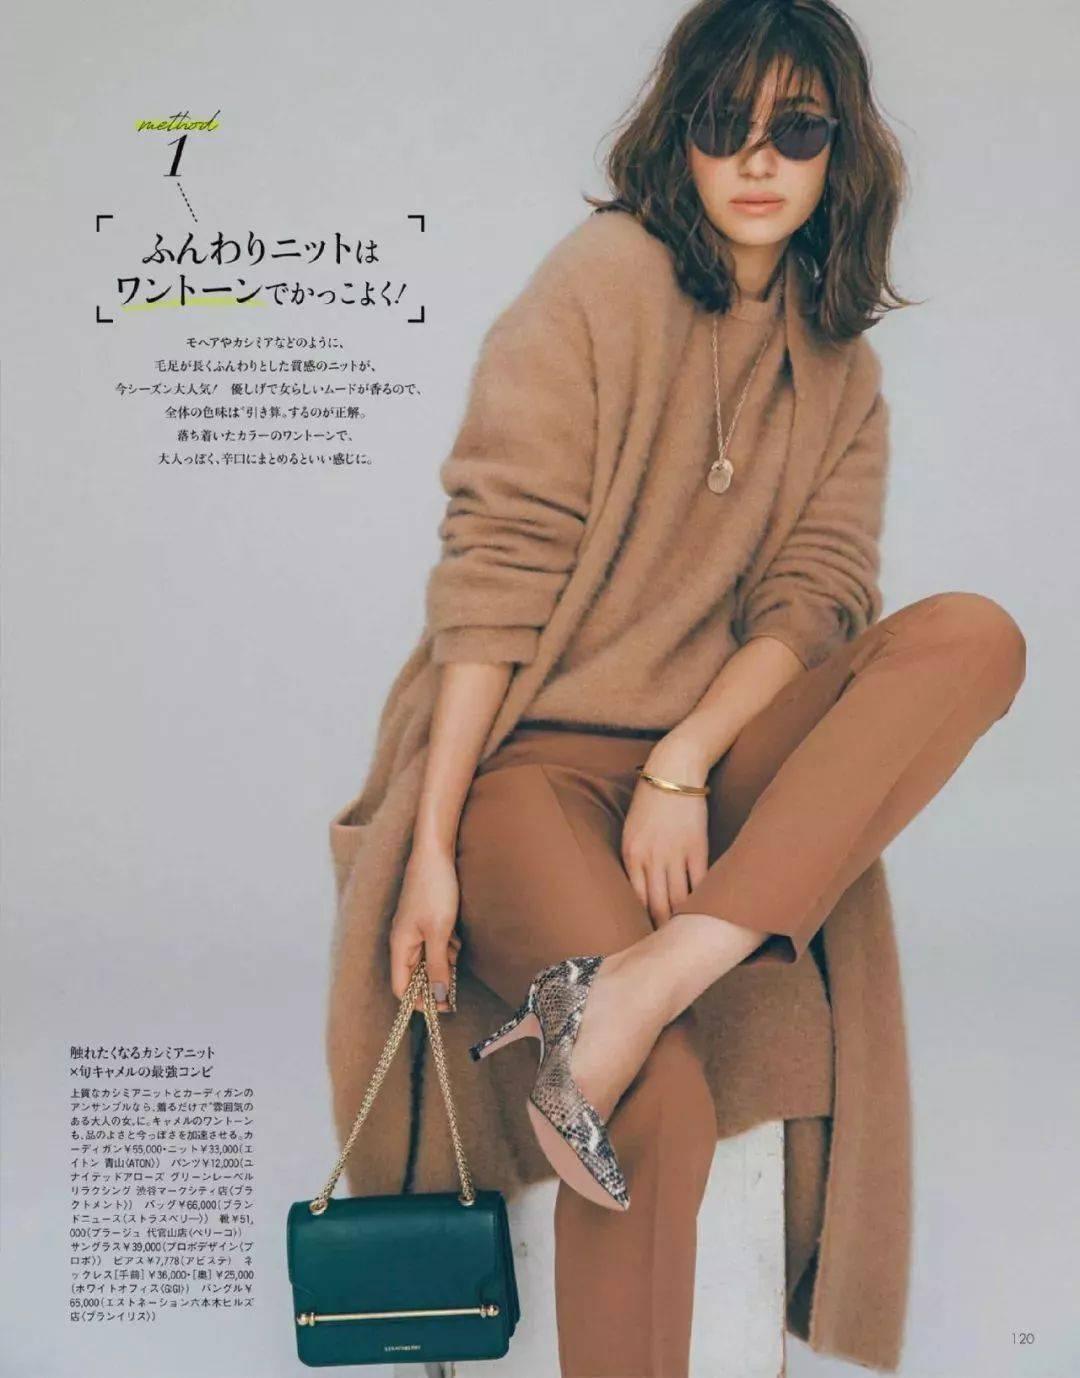 你穿毛衣+奶奶裤的样子,真的时髦炸了!!!